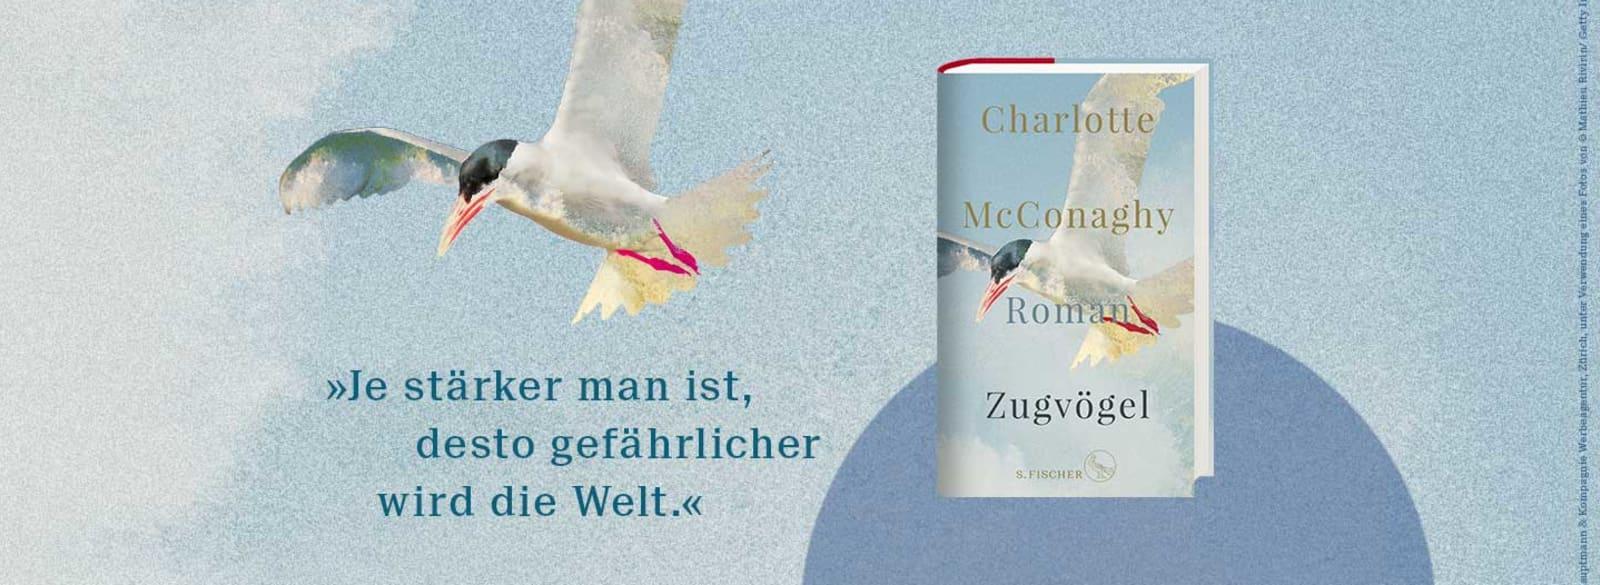 Charlotte McConaghy – Zugvögel Banner